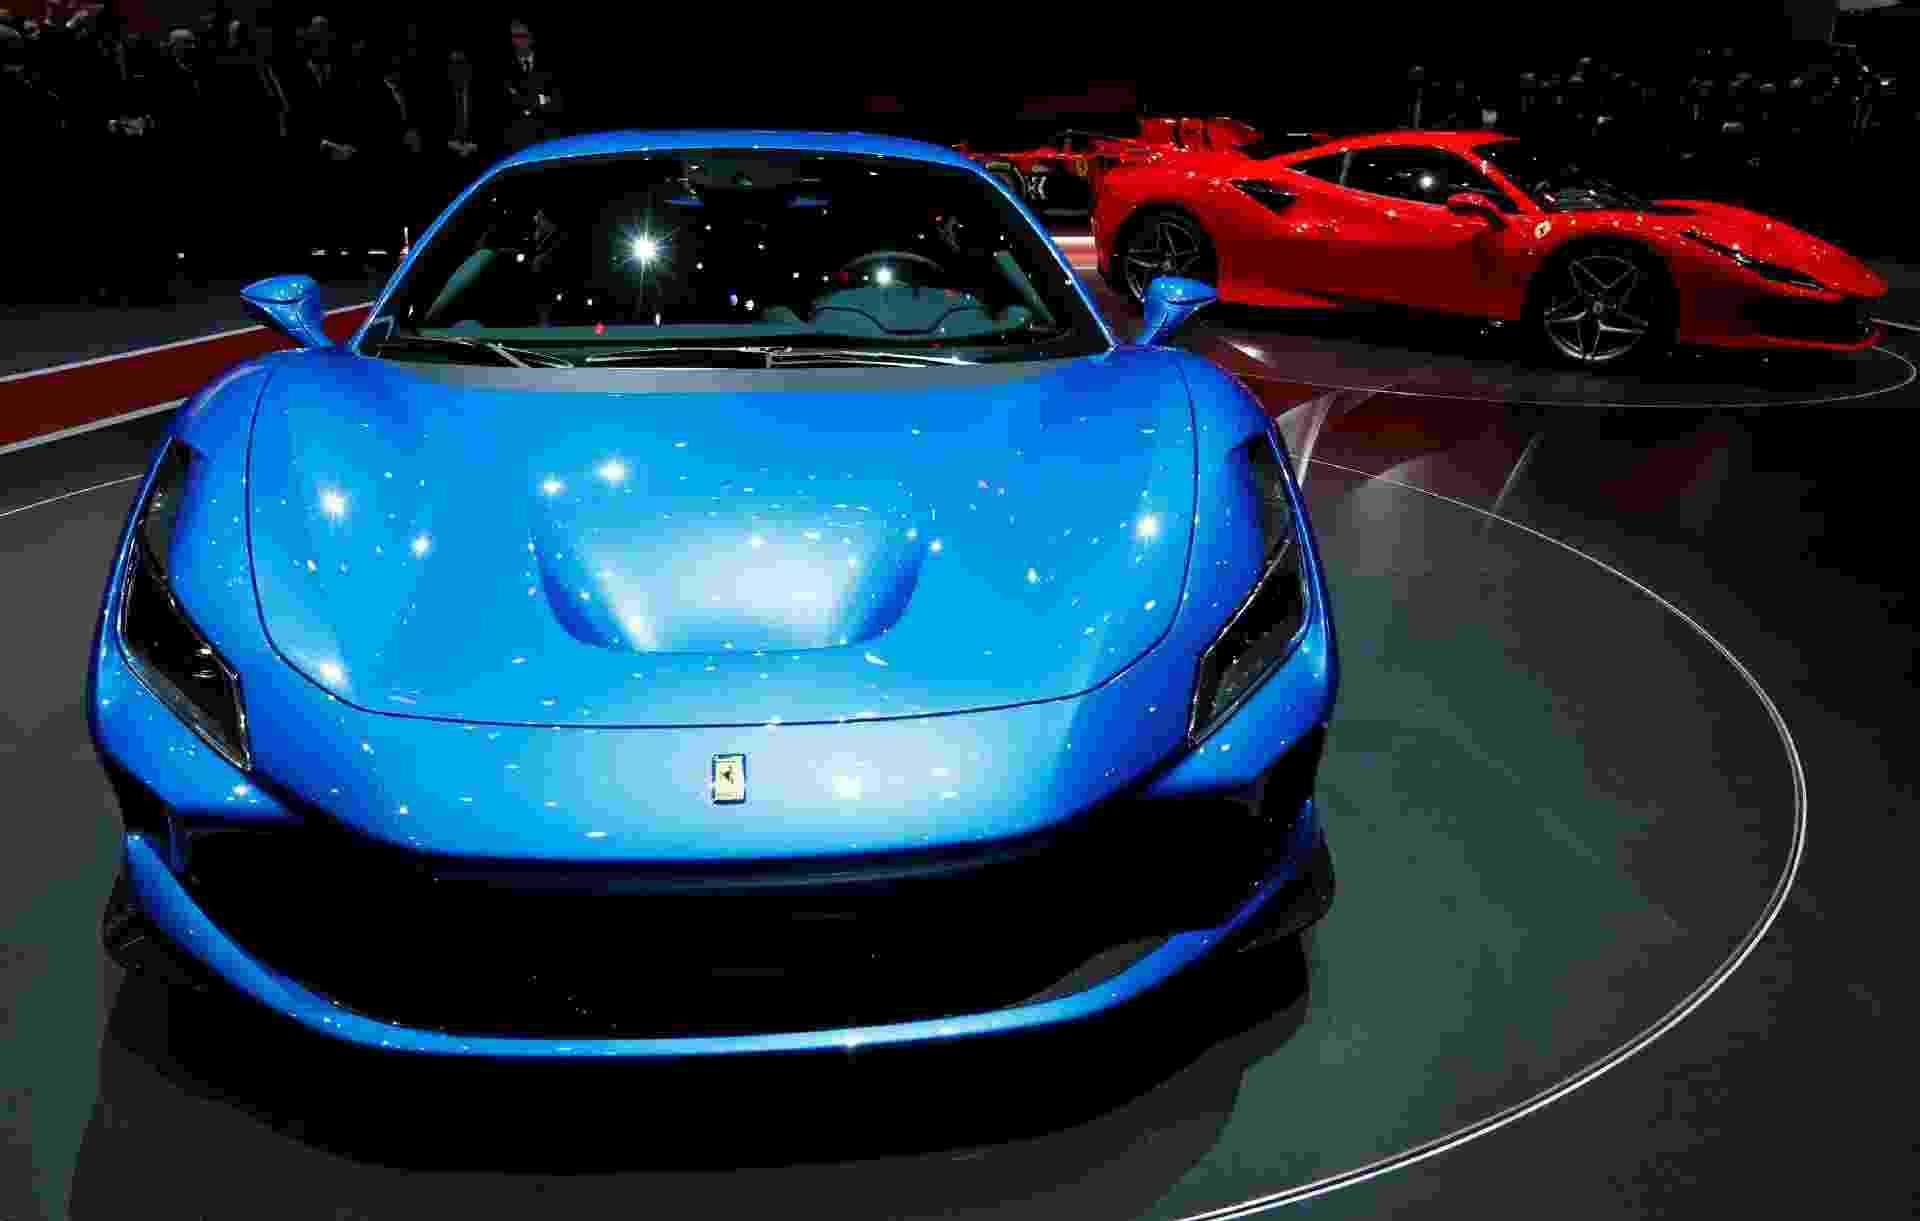 Ferrari F8 Tributo - Jakob Ebrey/Newspress